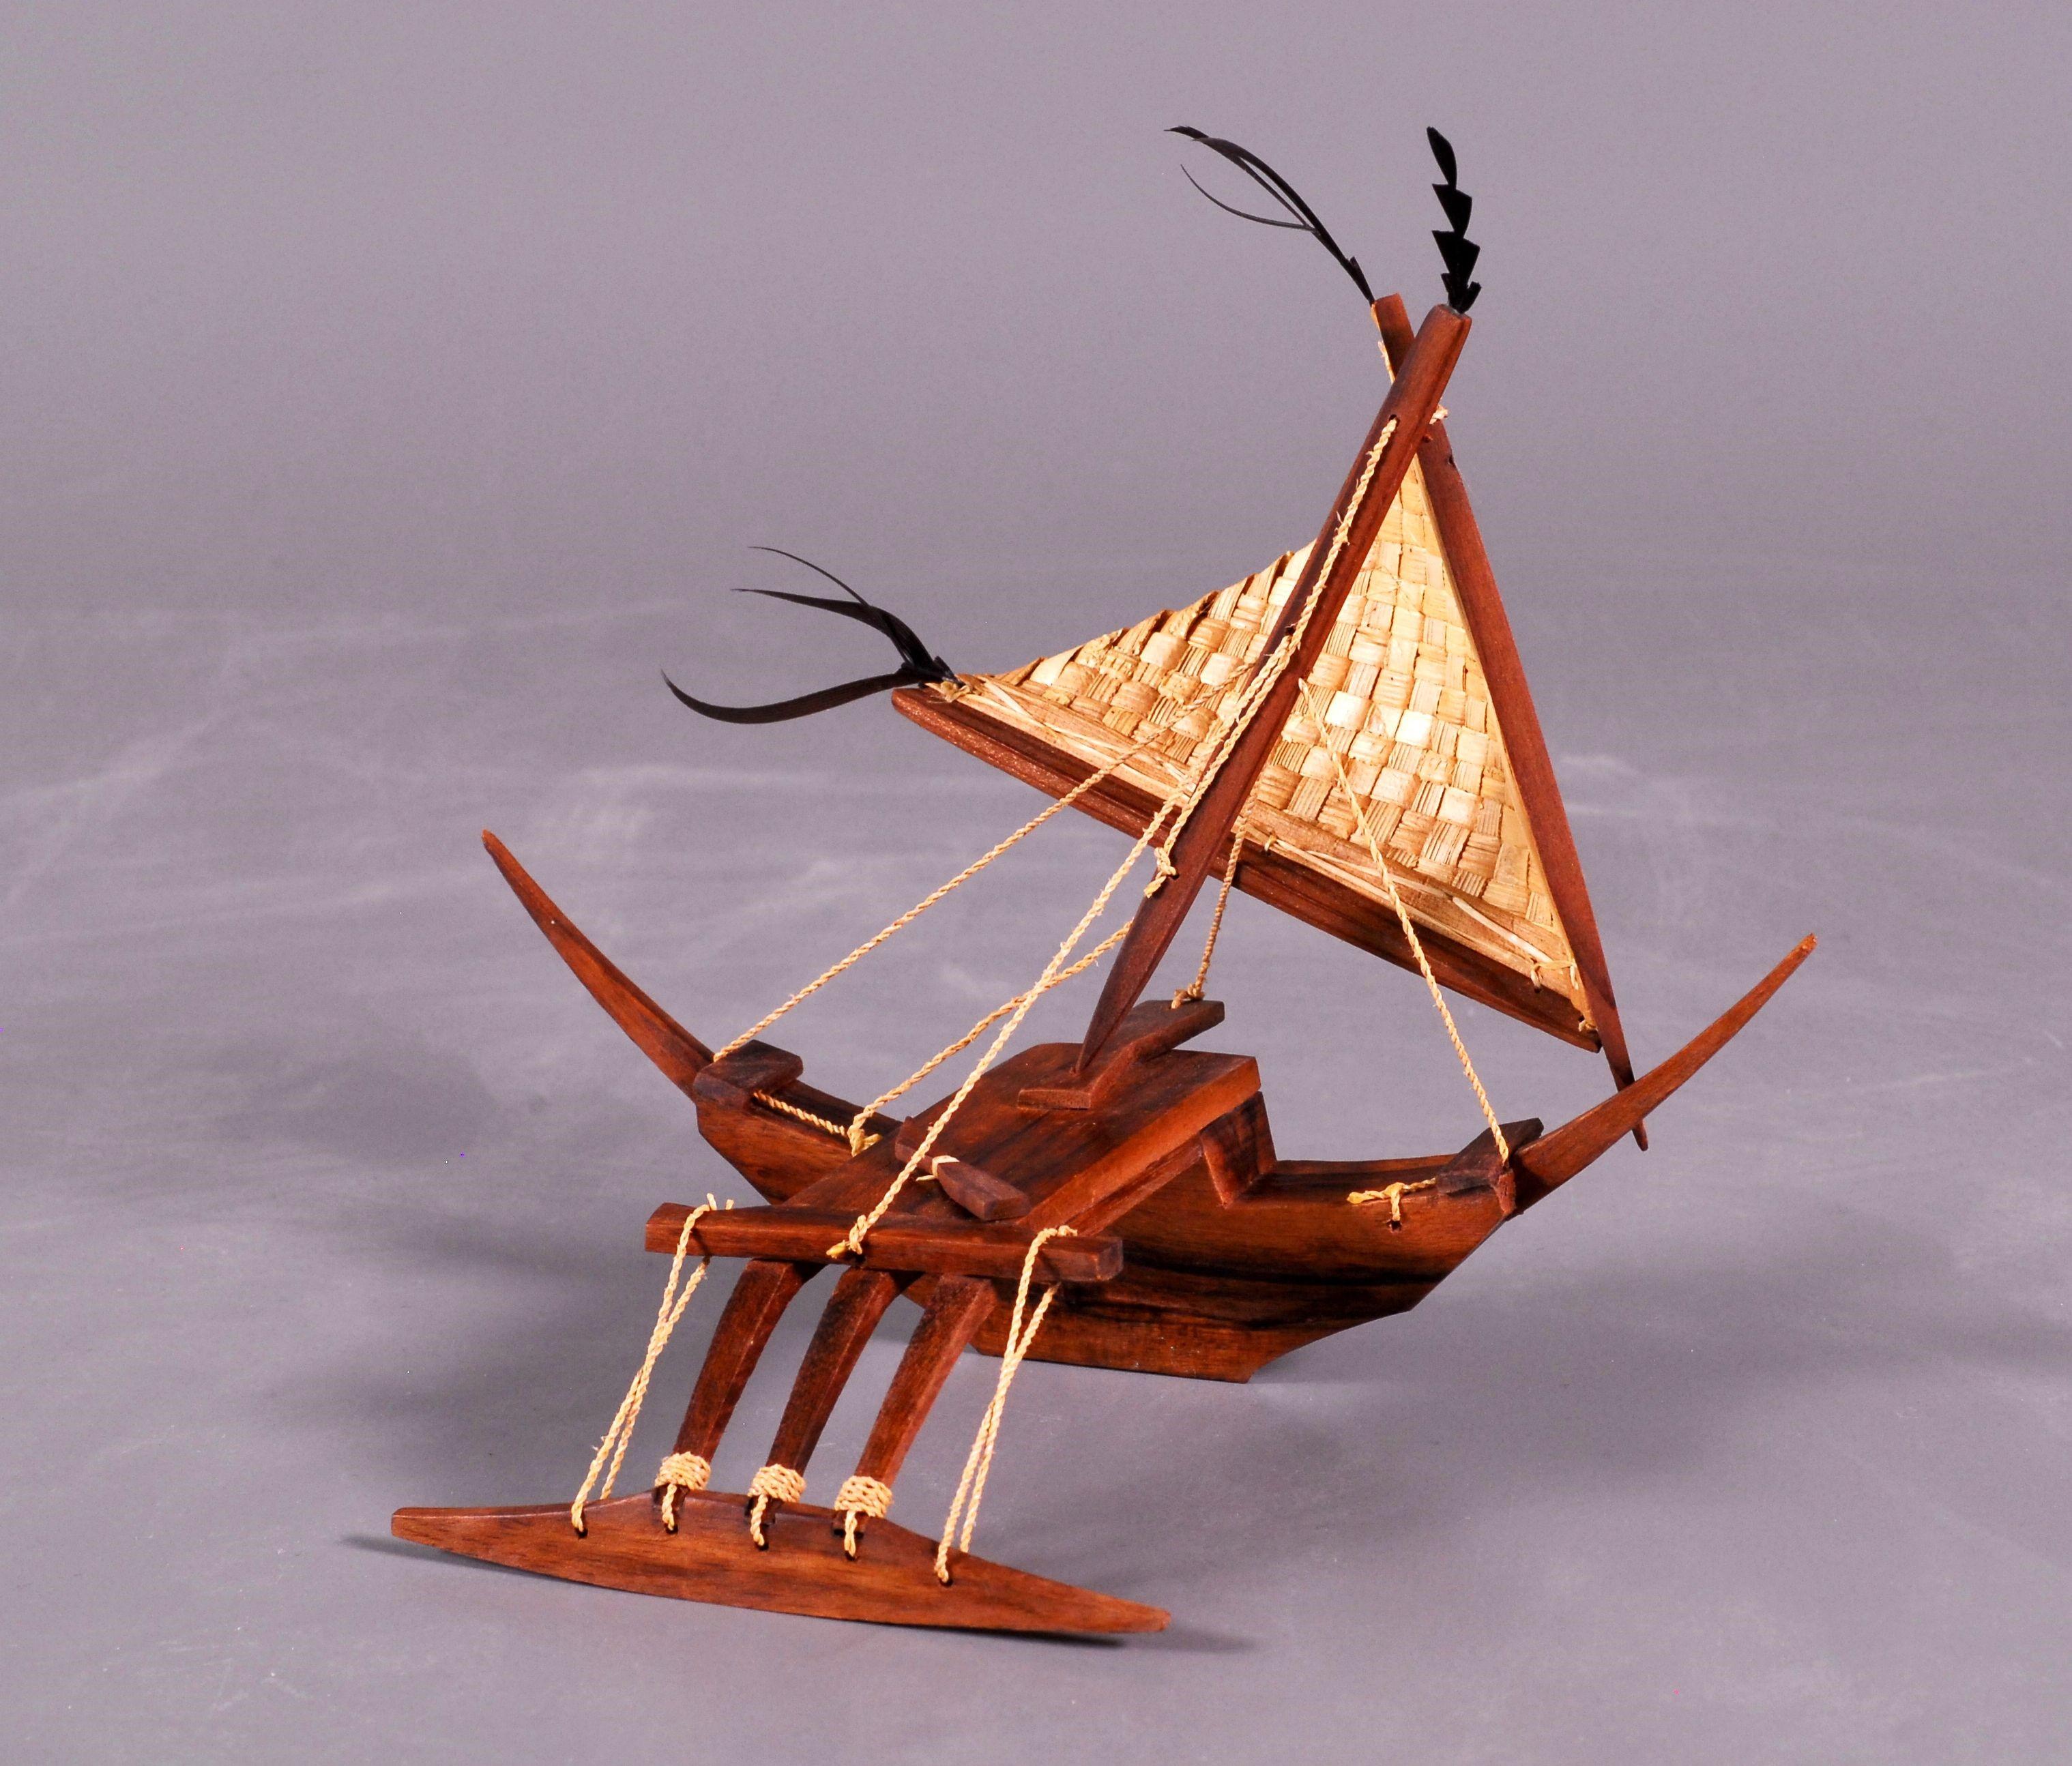 馬紹爾傳統獨木舟模型縮圖.jpg